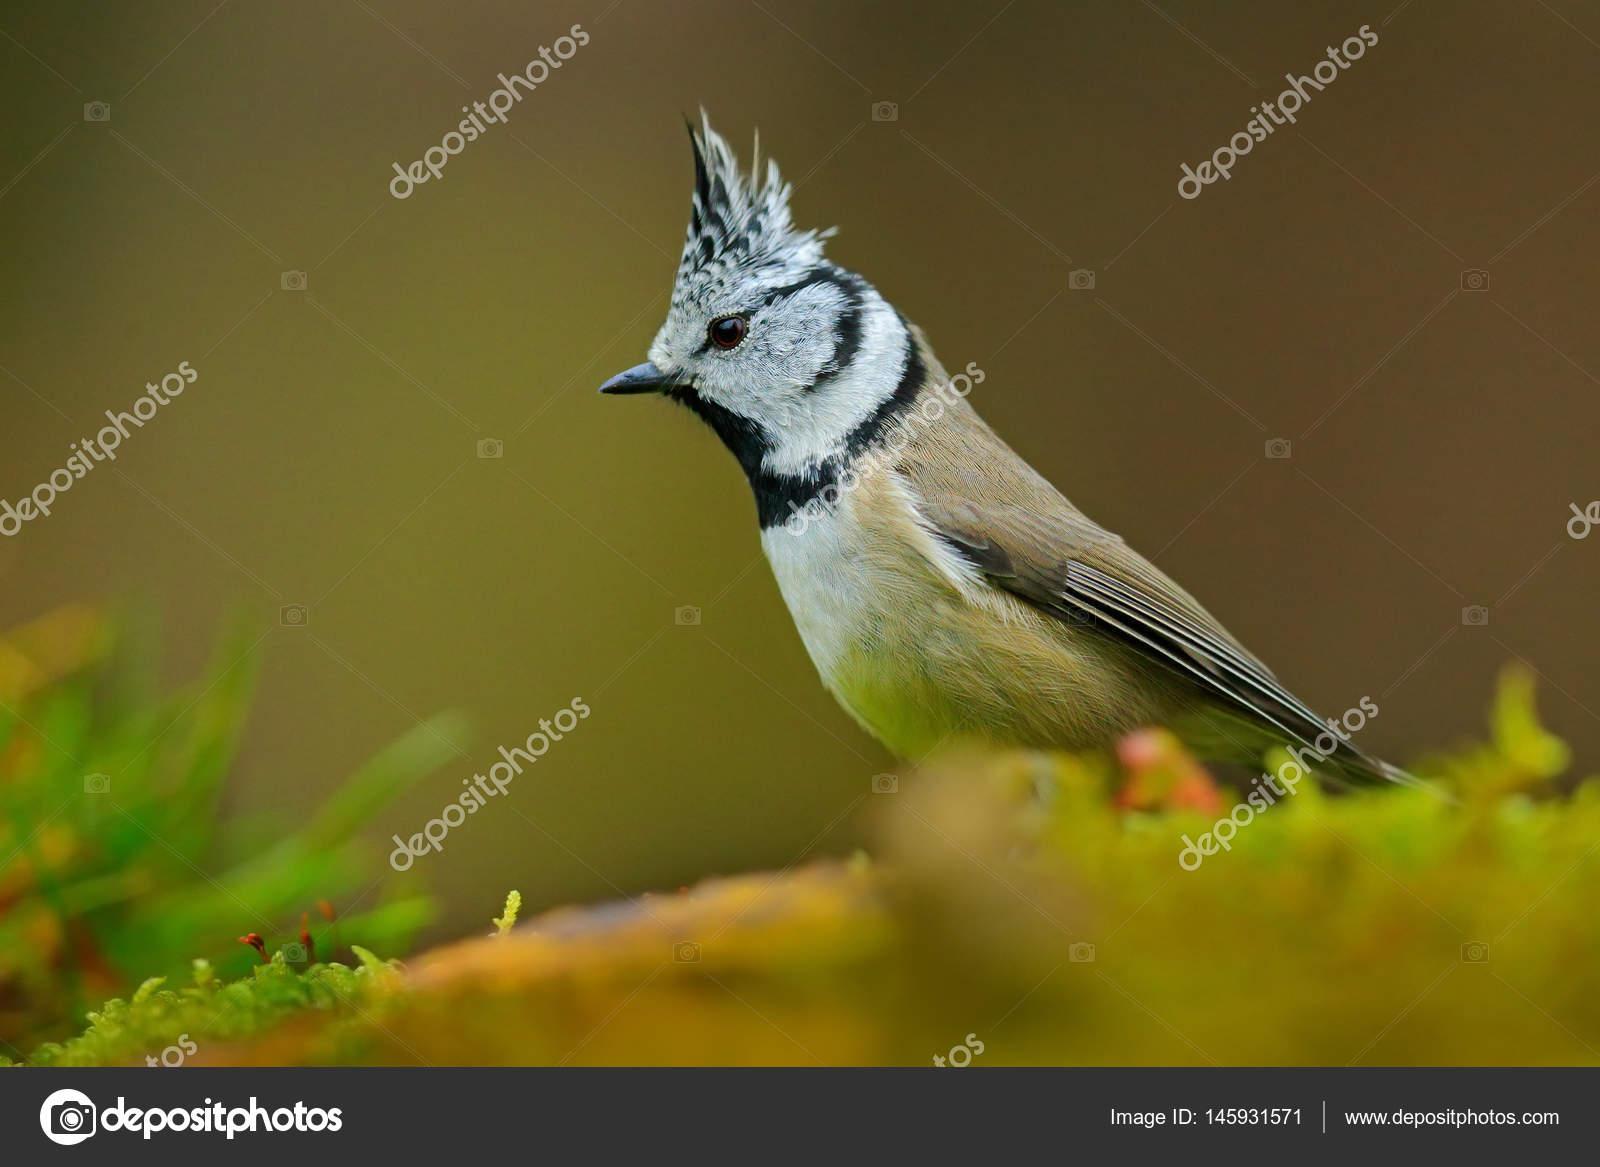 Синяя птица синица поет песню весной на ветви цветущей вербы.